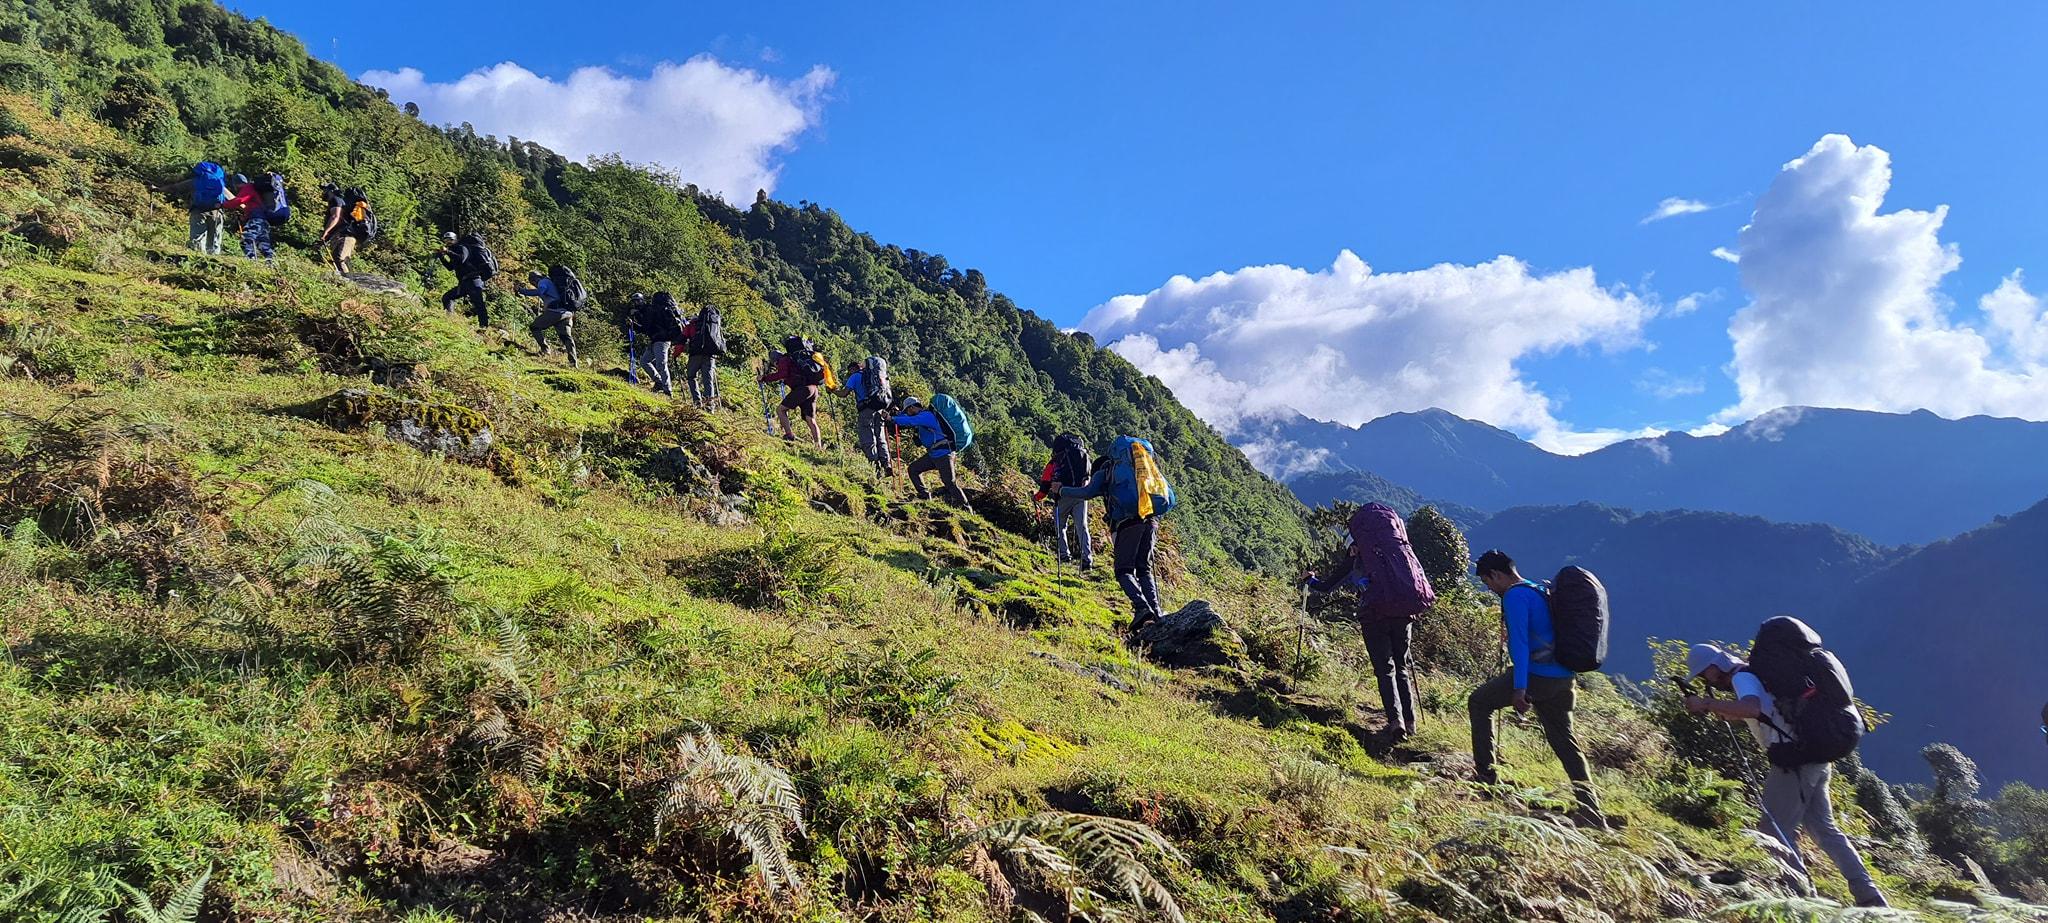 नेपाल माउन्टेण्ड एकेडेमीका विद्यार्थी मेरा पिक क्षेत्रमा